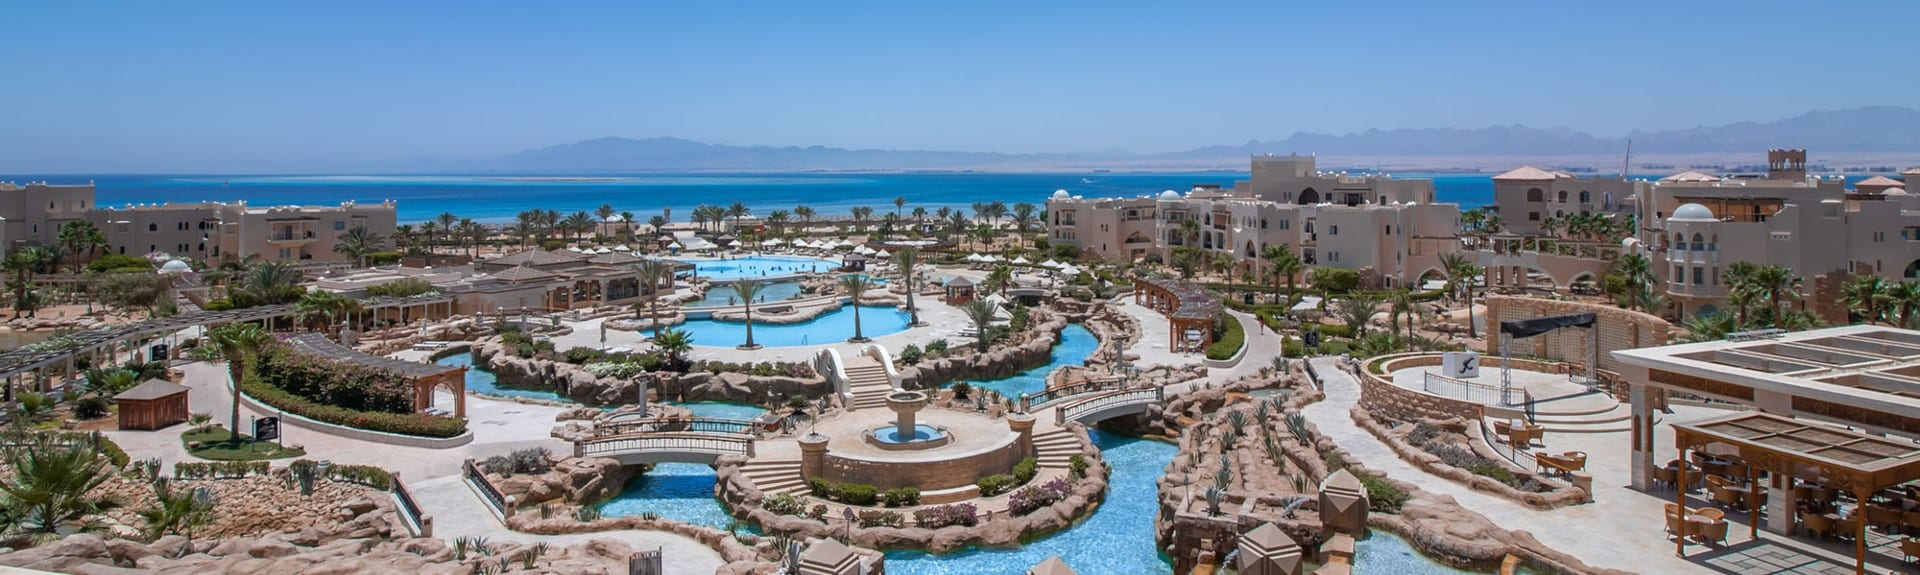 Luxe vakanties in Egypte